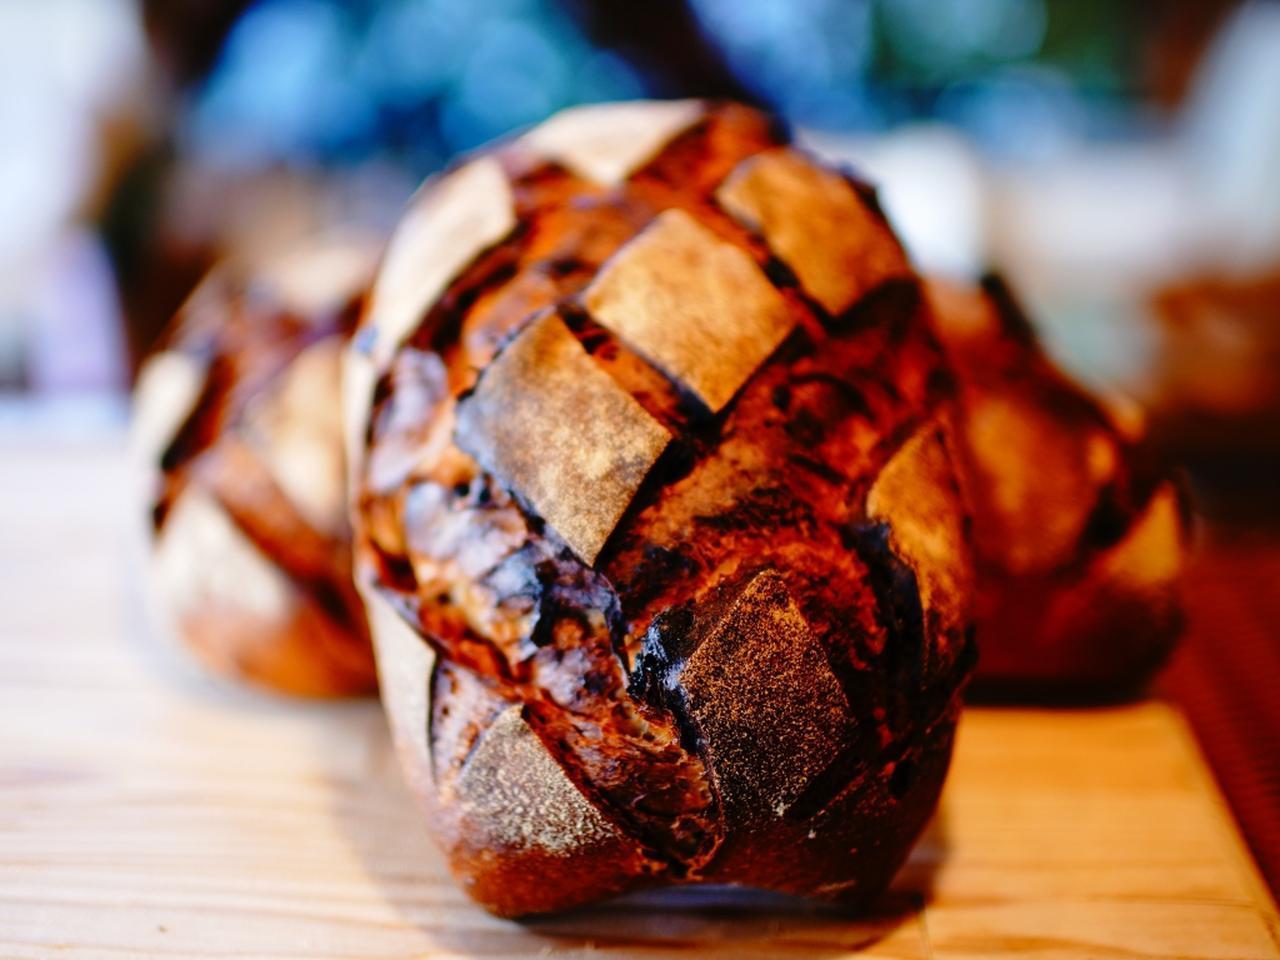 画像: 世界の原料や信州産の食材を厳選し、伝統的な製法で焼き上げられています